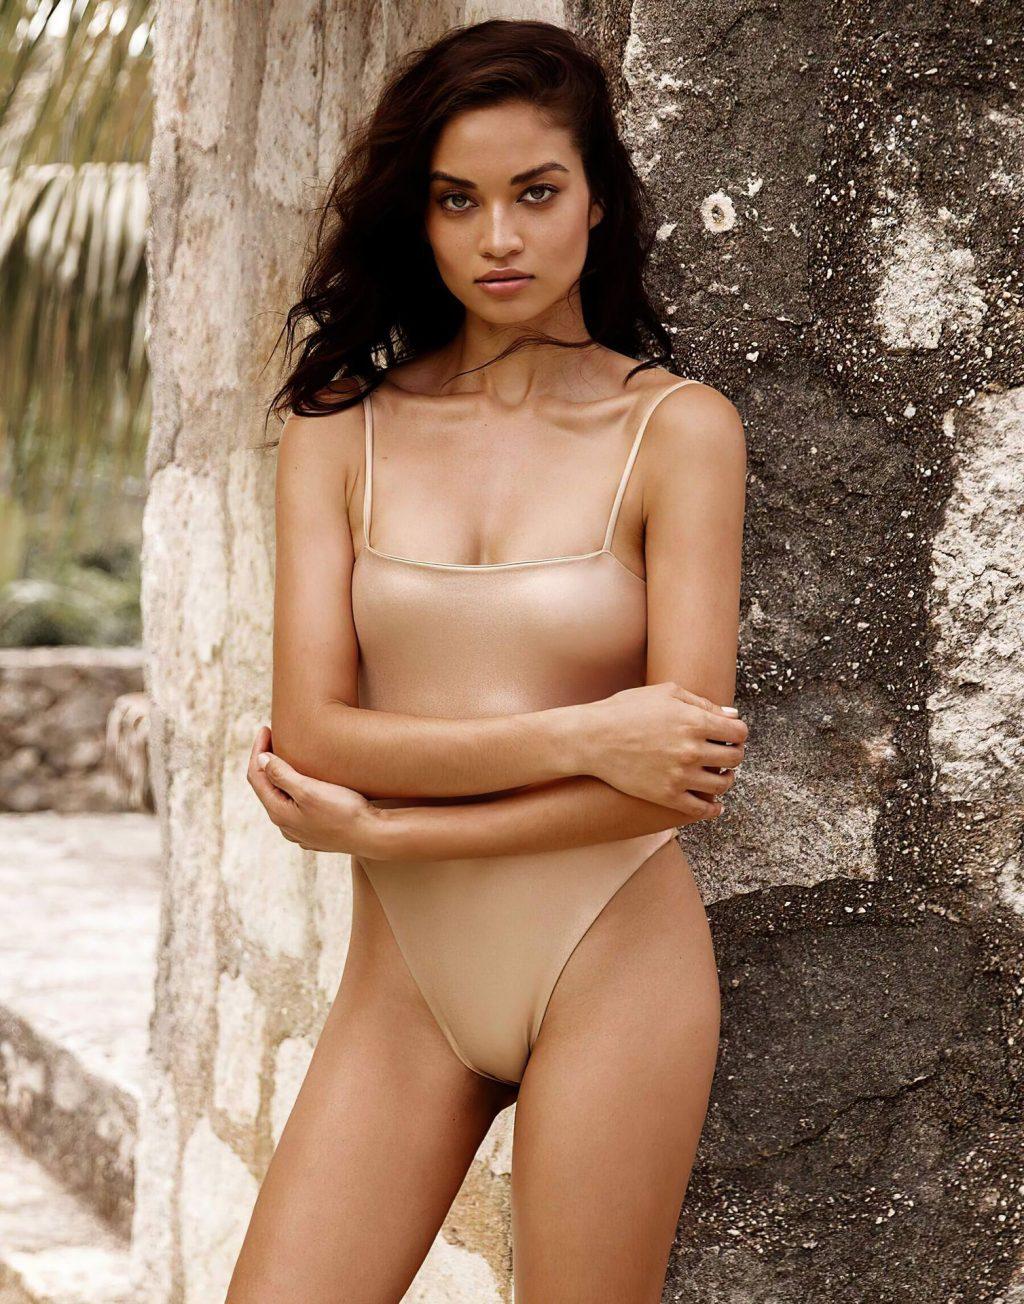 Shanina Shaik Shows Her Butt for Beach Bunny Swimwear Collection (8 Photos)